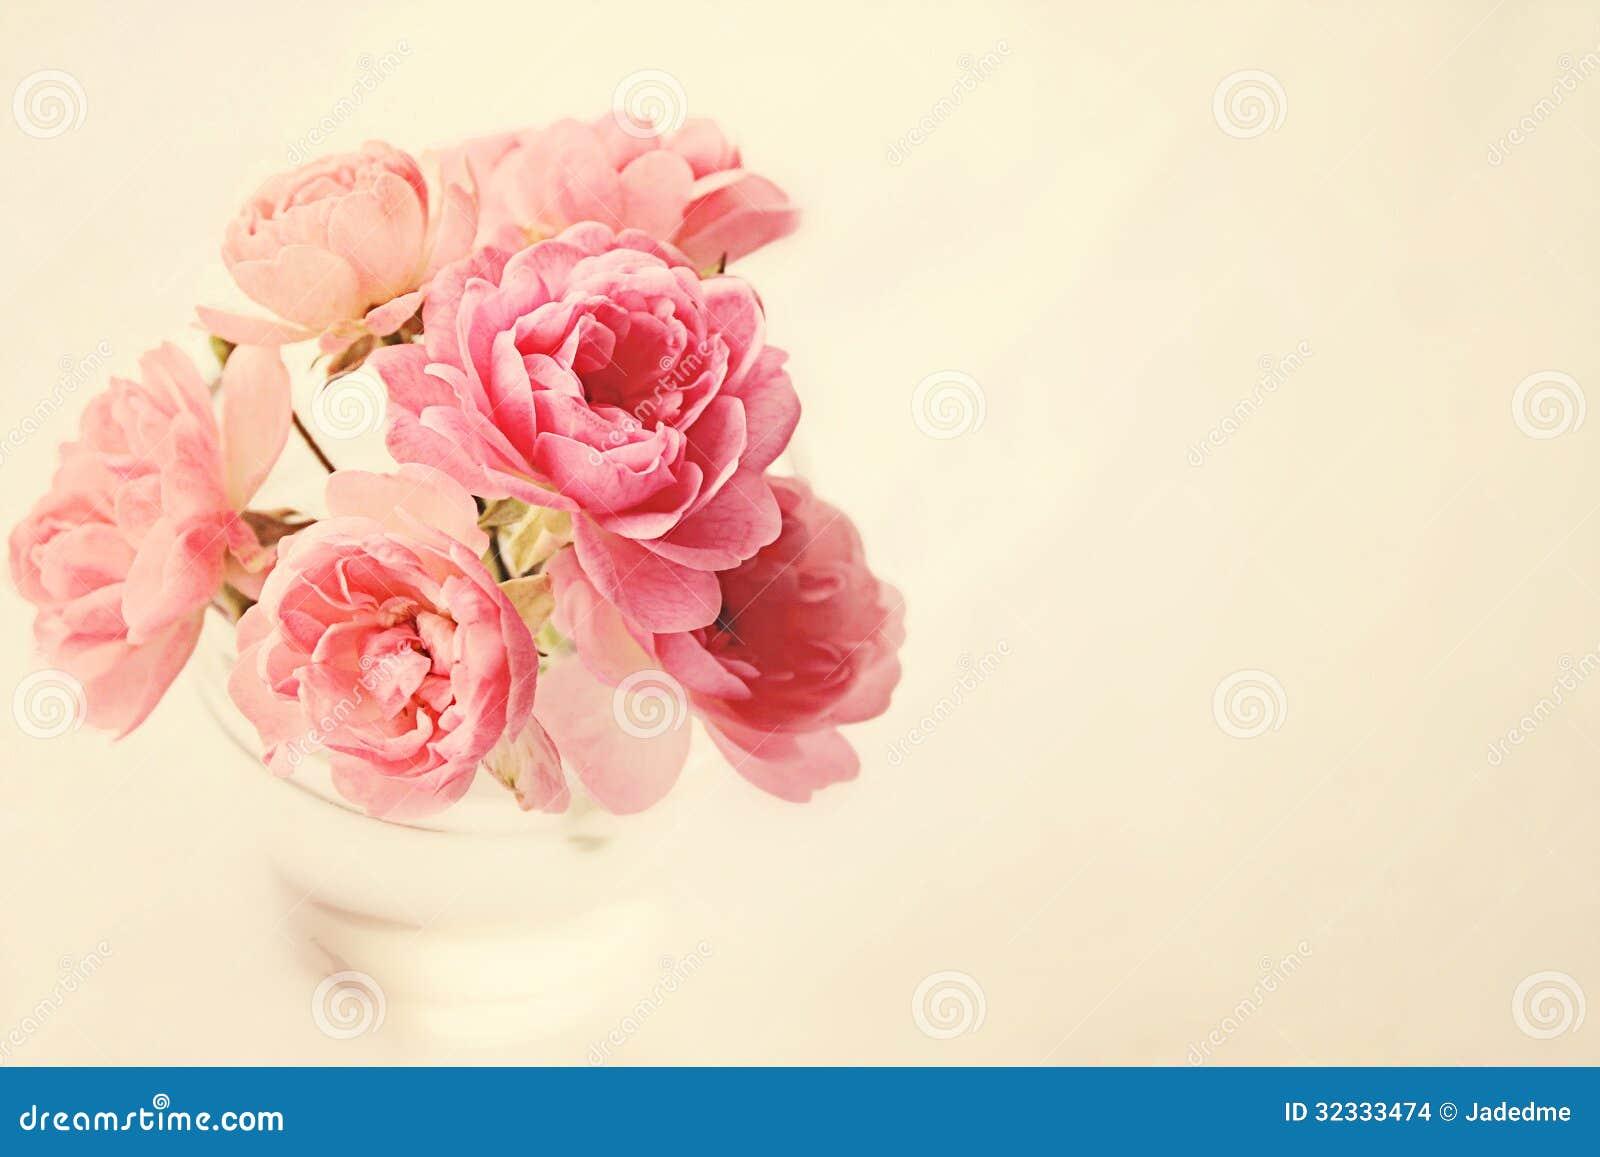 Τριαντάφυλλα στο βάζο στο ροζ